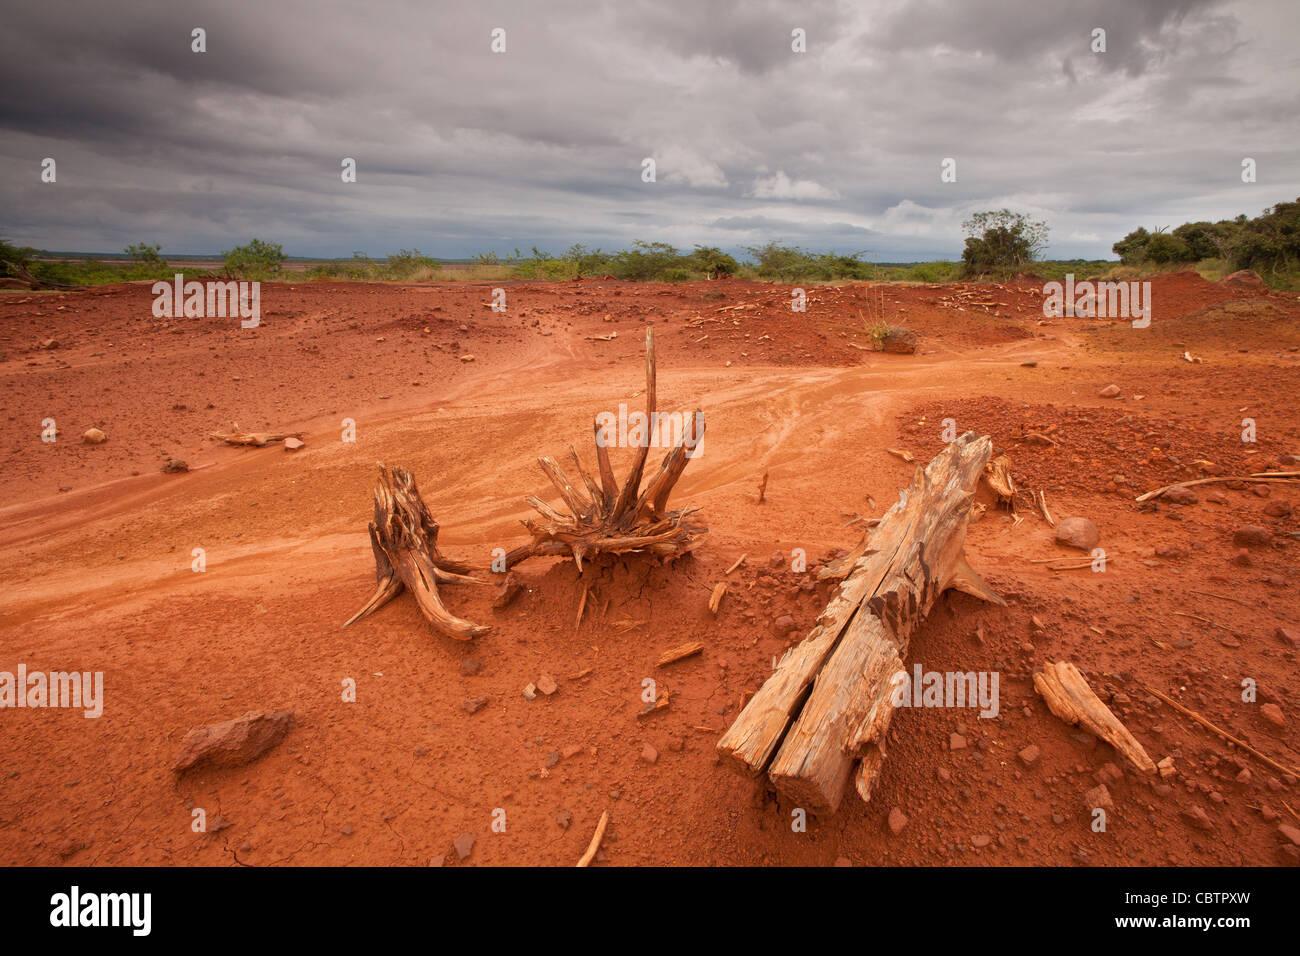 Le sol érodé en Sarigua national park (désert) dans la province de Herrera, République du Panama. Banque D'Images